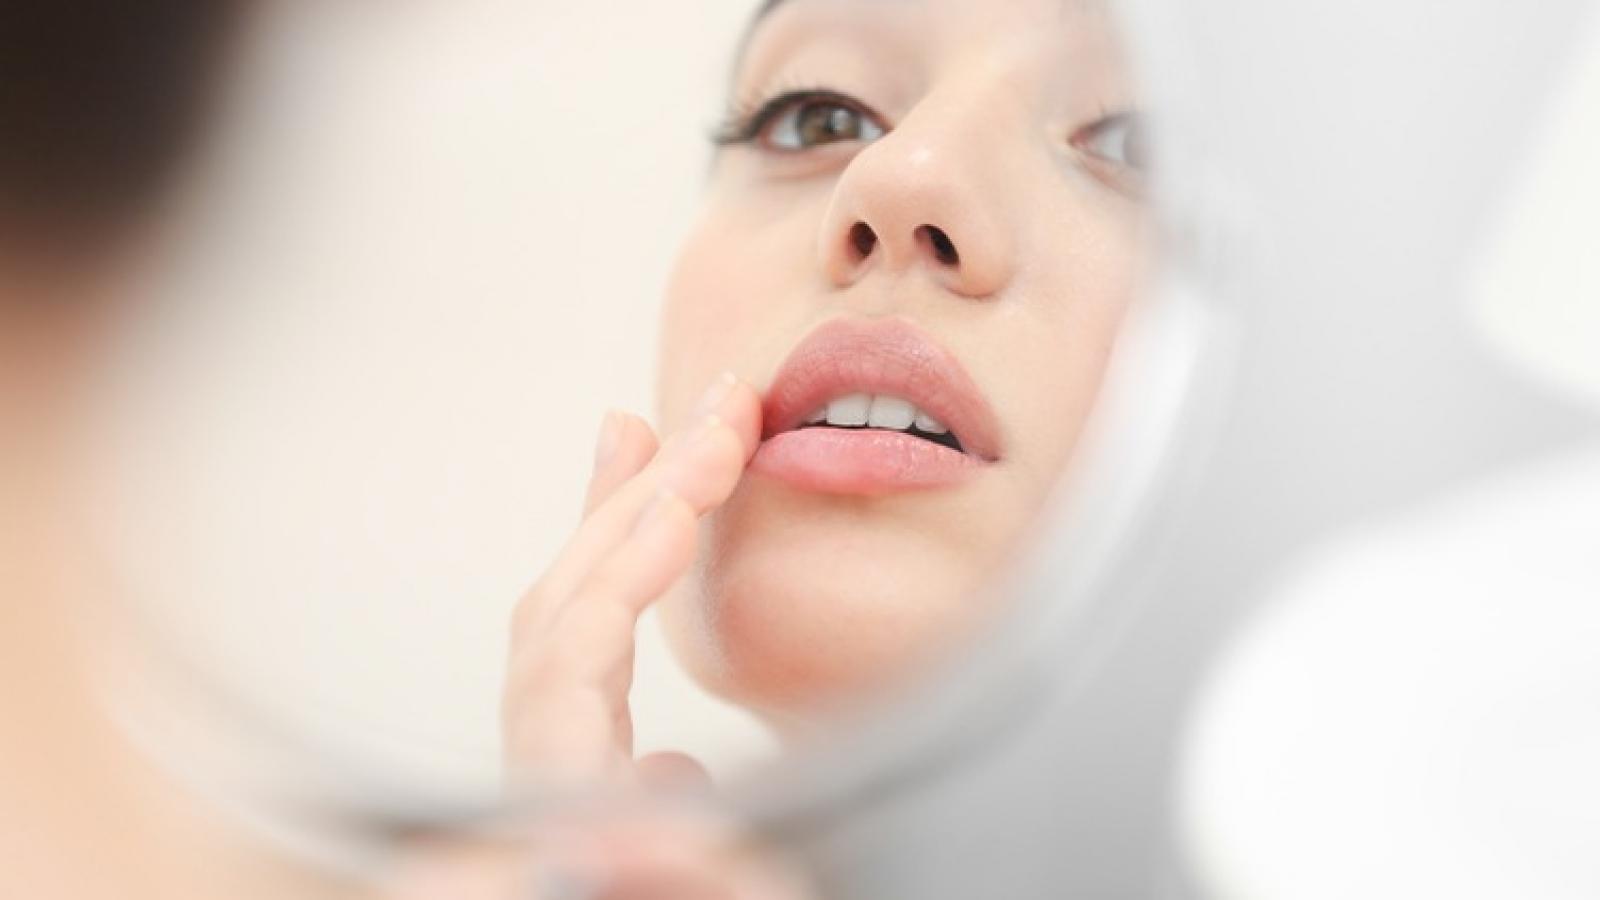 clinica-de-cirurgia-plastica-em-santos - Dra. Ana Lúcia Lemos - acido hialuronico 3